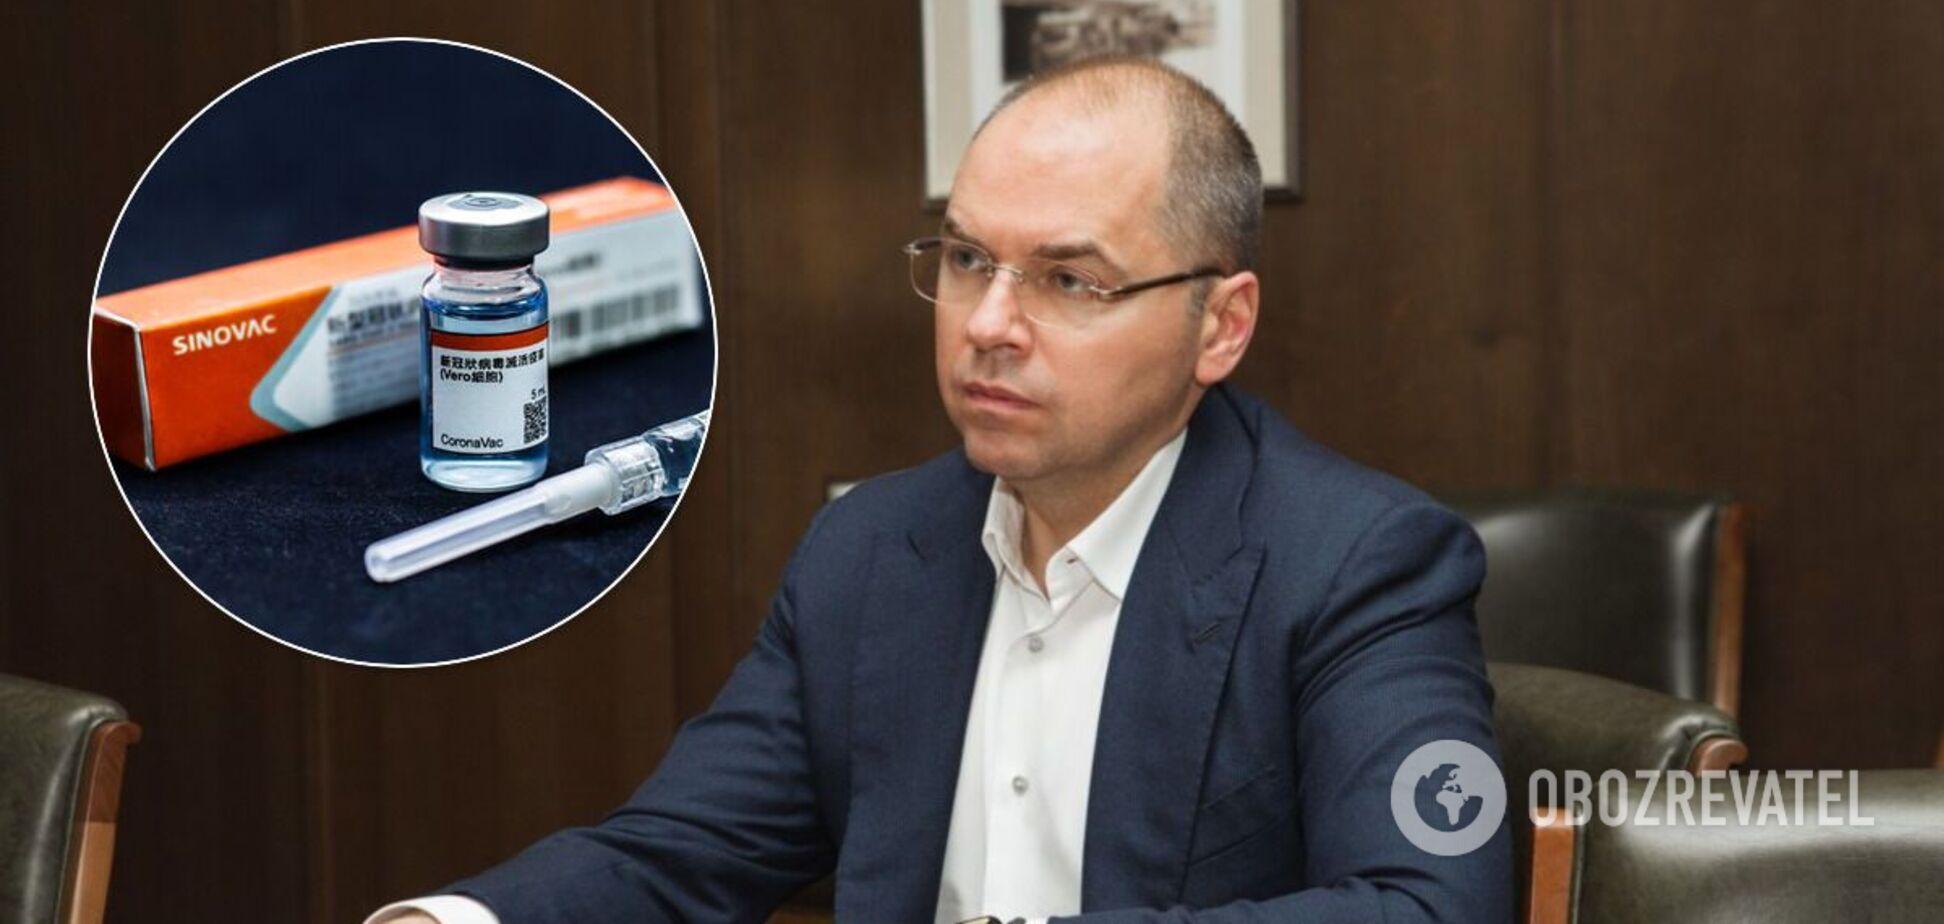 Вскрылись детали поставок вакцины против СOVID-19 из Китая: Sinovac сами выбрали 'Лекхим'. Документ